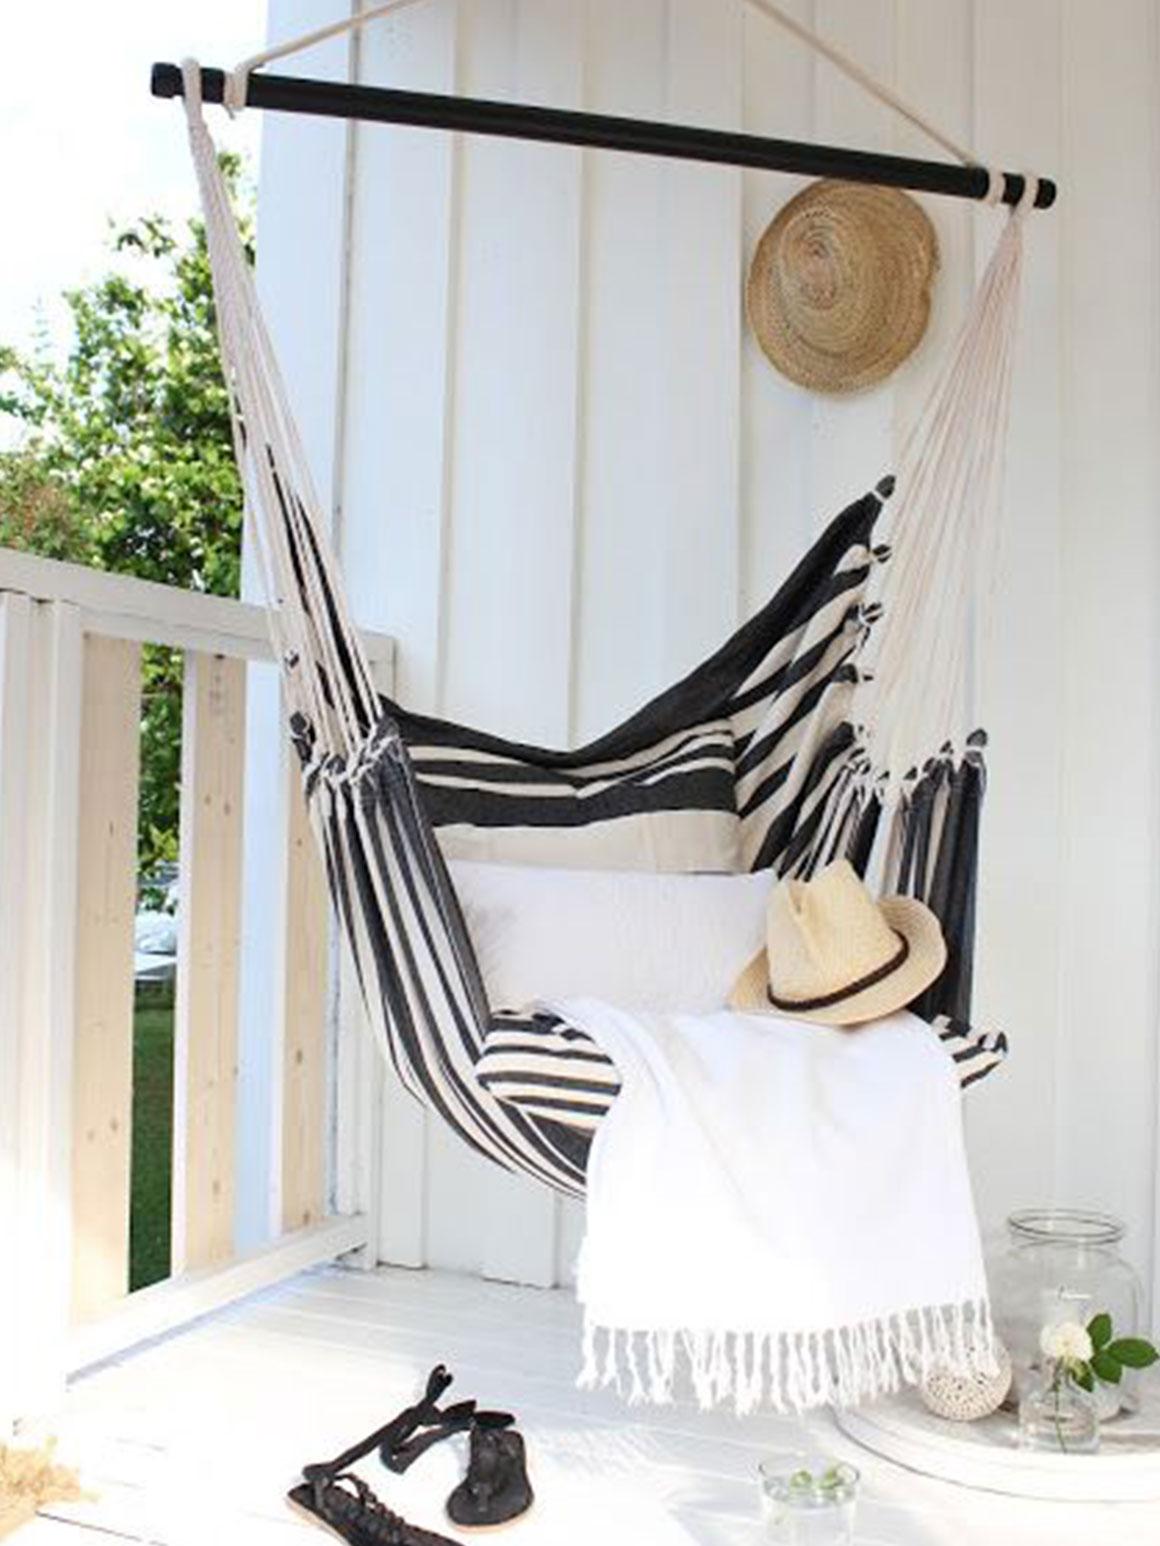 Hangmat Ophangen Balkon.Winactie Vakantiegevoel In Een Hangmat Naar Keuze My Simply Special